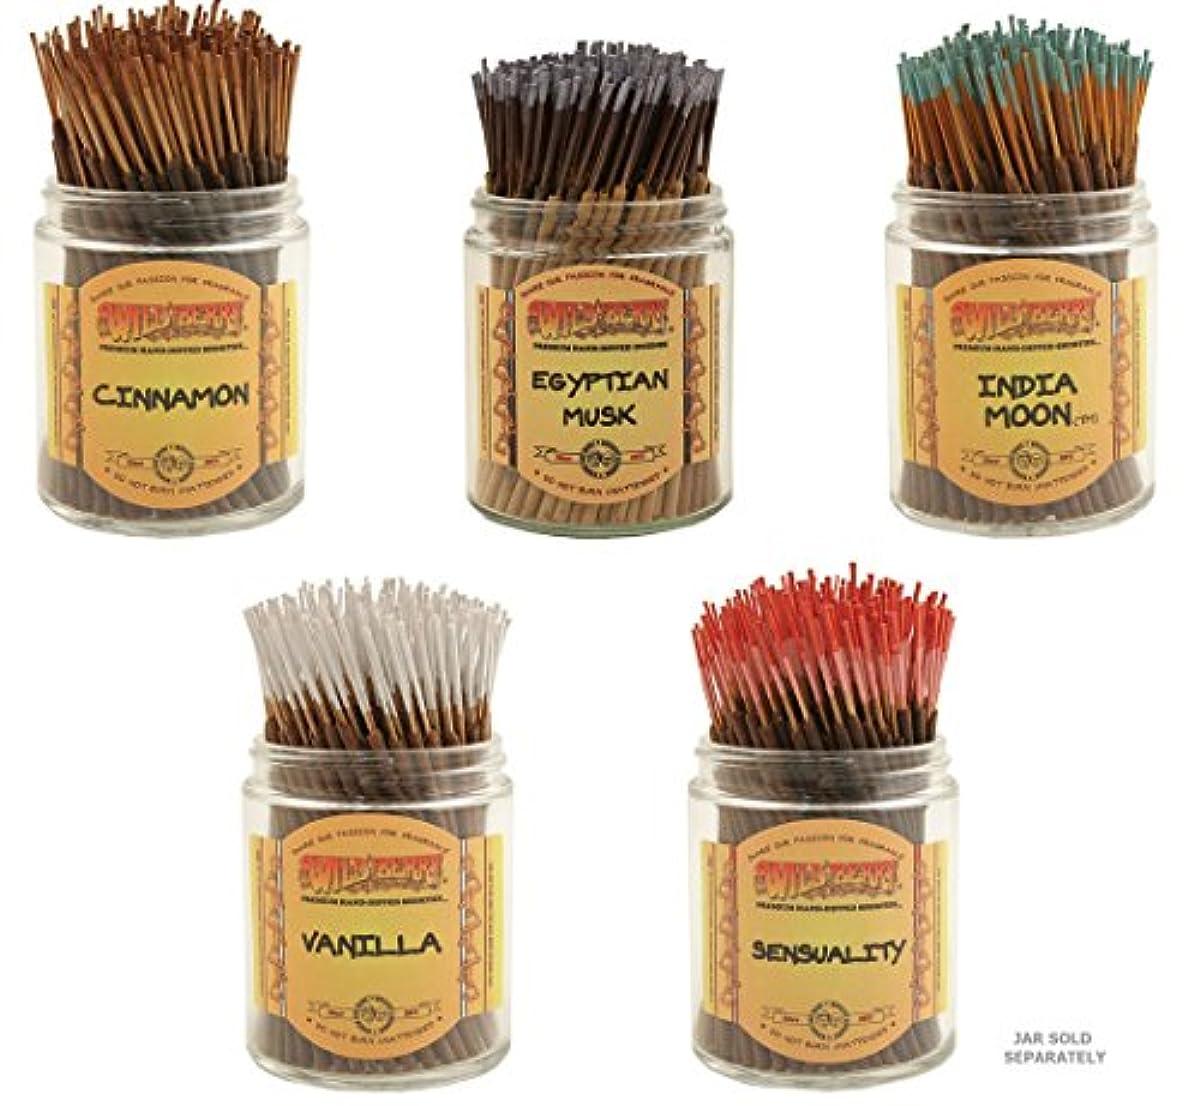 間隔薬局雄弁なWildberry Short Incense Sticks – Set of 5秋Fragrances – シナモン、エジプトムスク、インドMoon、Sensuality、バニラ(100各パック、合計500 Sticks)